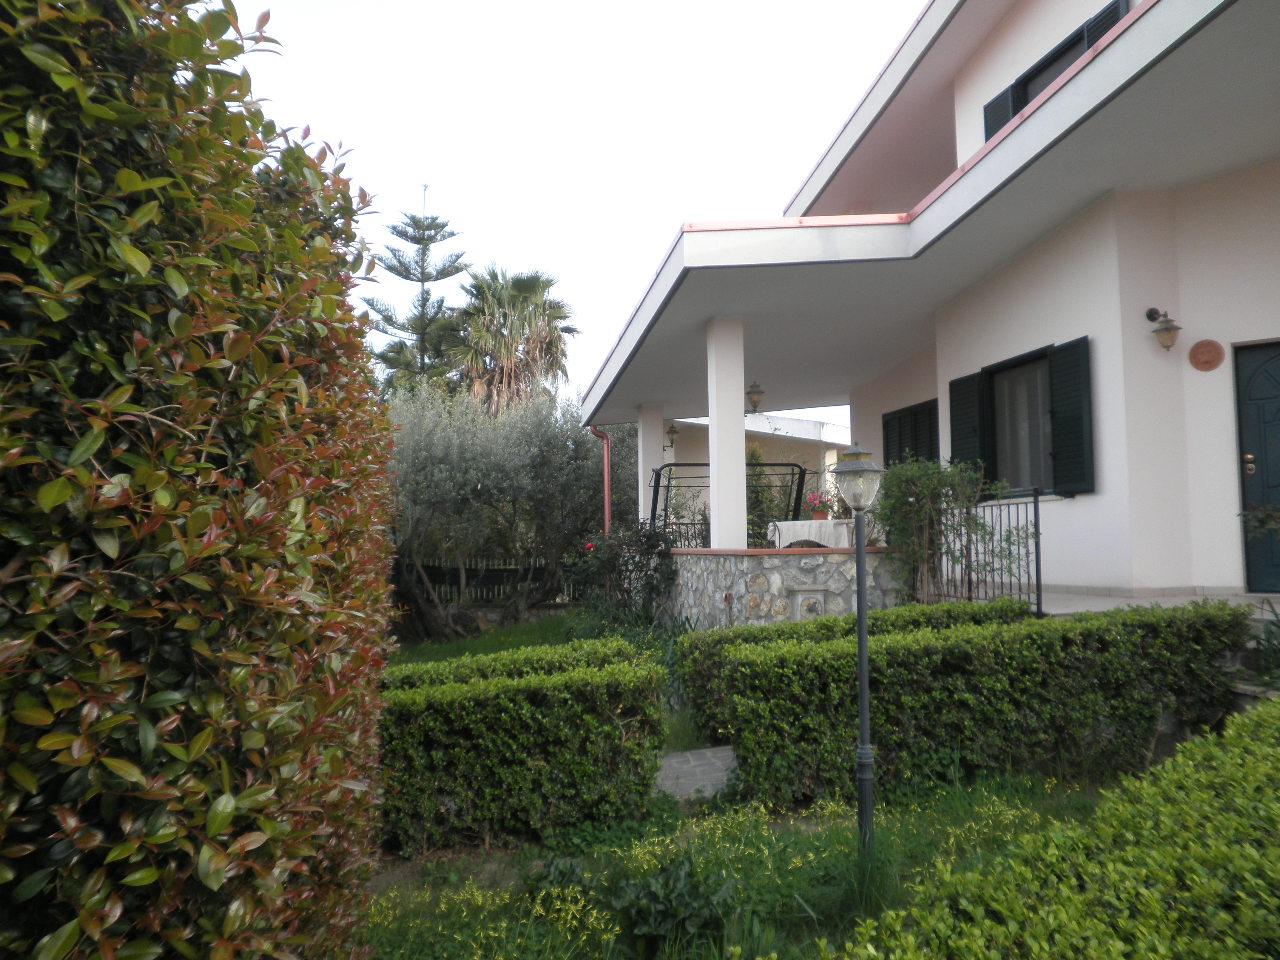 Villa in vendita a Simeri Crichi, 6 locali, zona Località: SimeriMare, prezzo € 360.000 | Cambio Casa.it